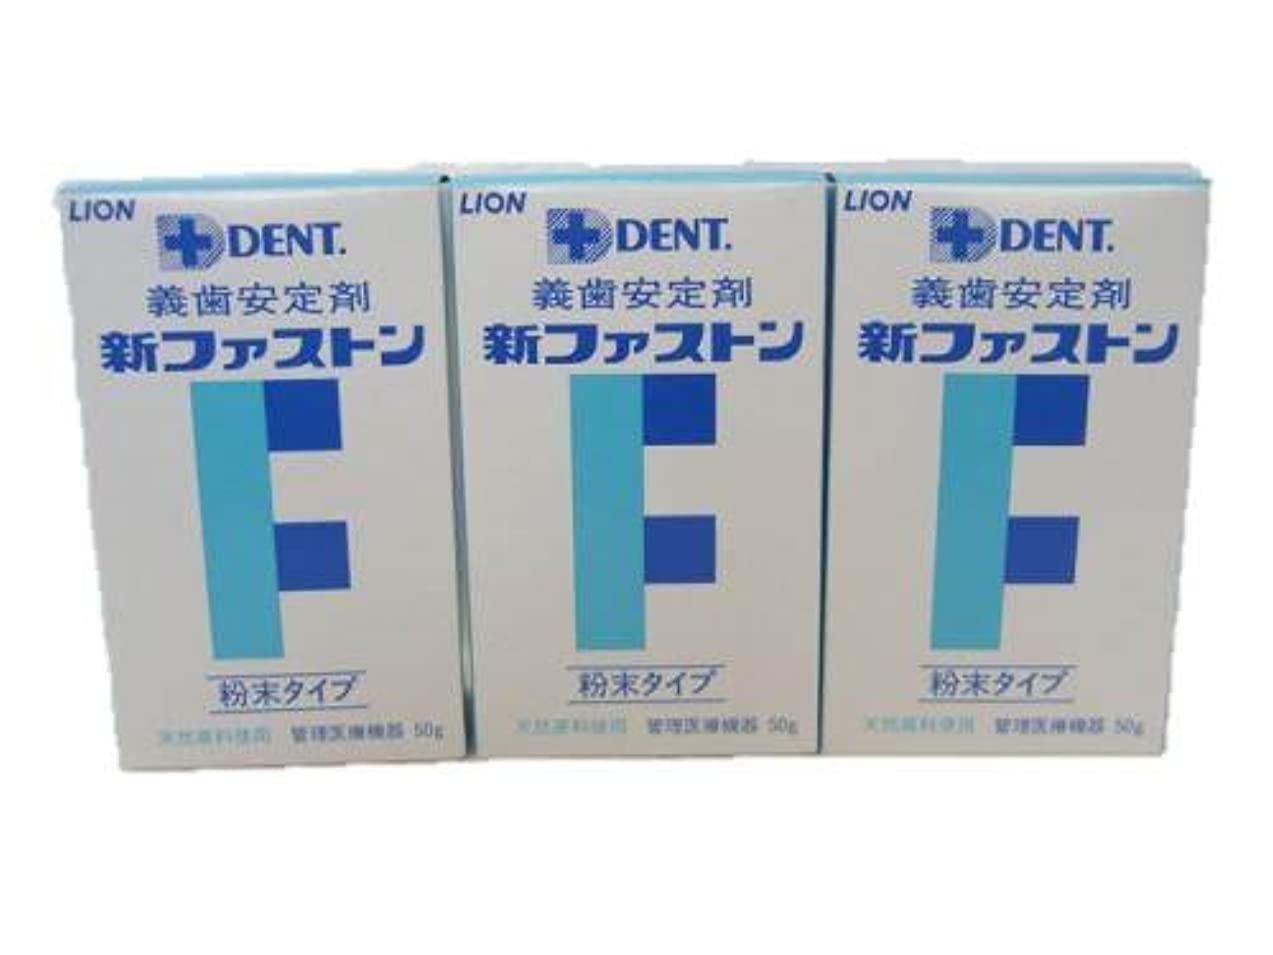 不十分傑出した意気込みライオン(LION) DENT. デント 新ファストン(義歯安定剤) 粉末 50g × 3箱セット